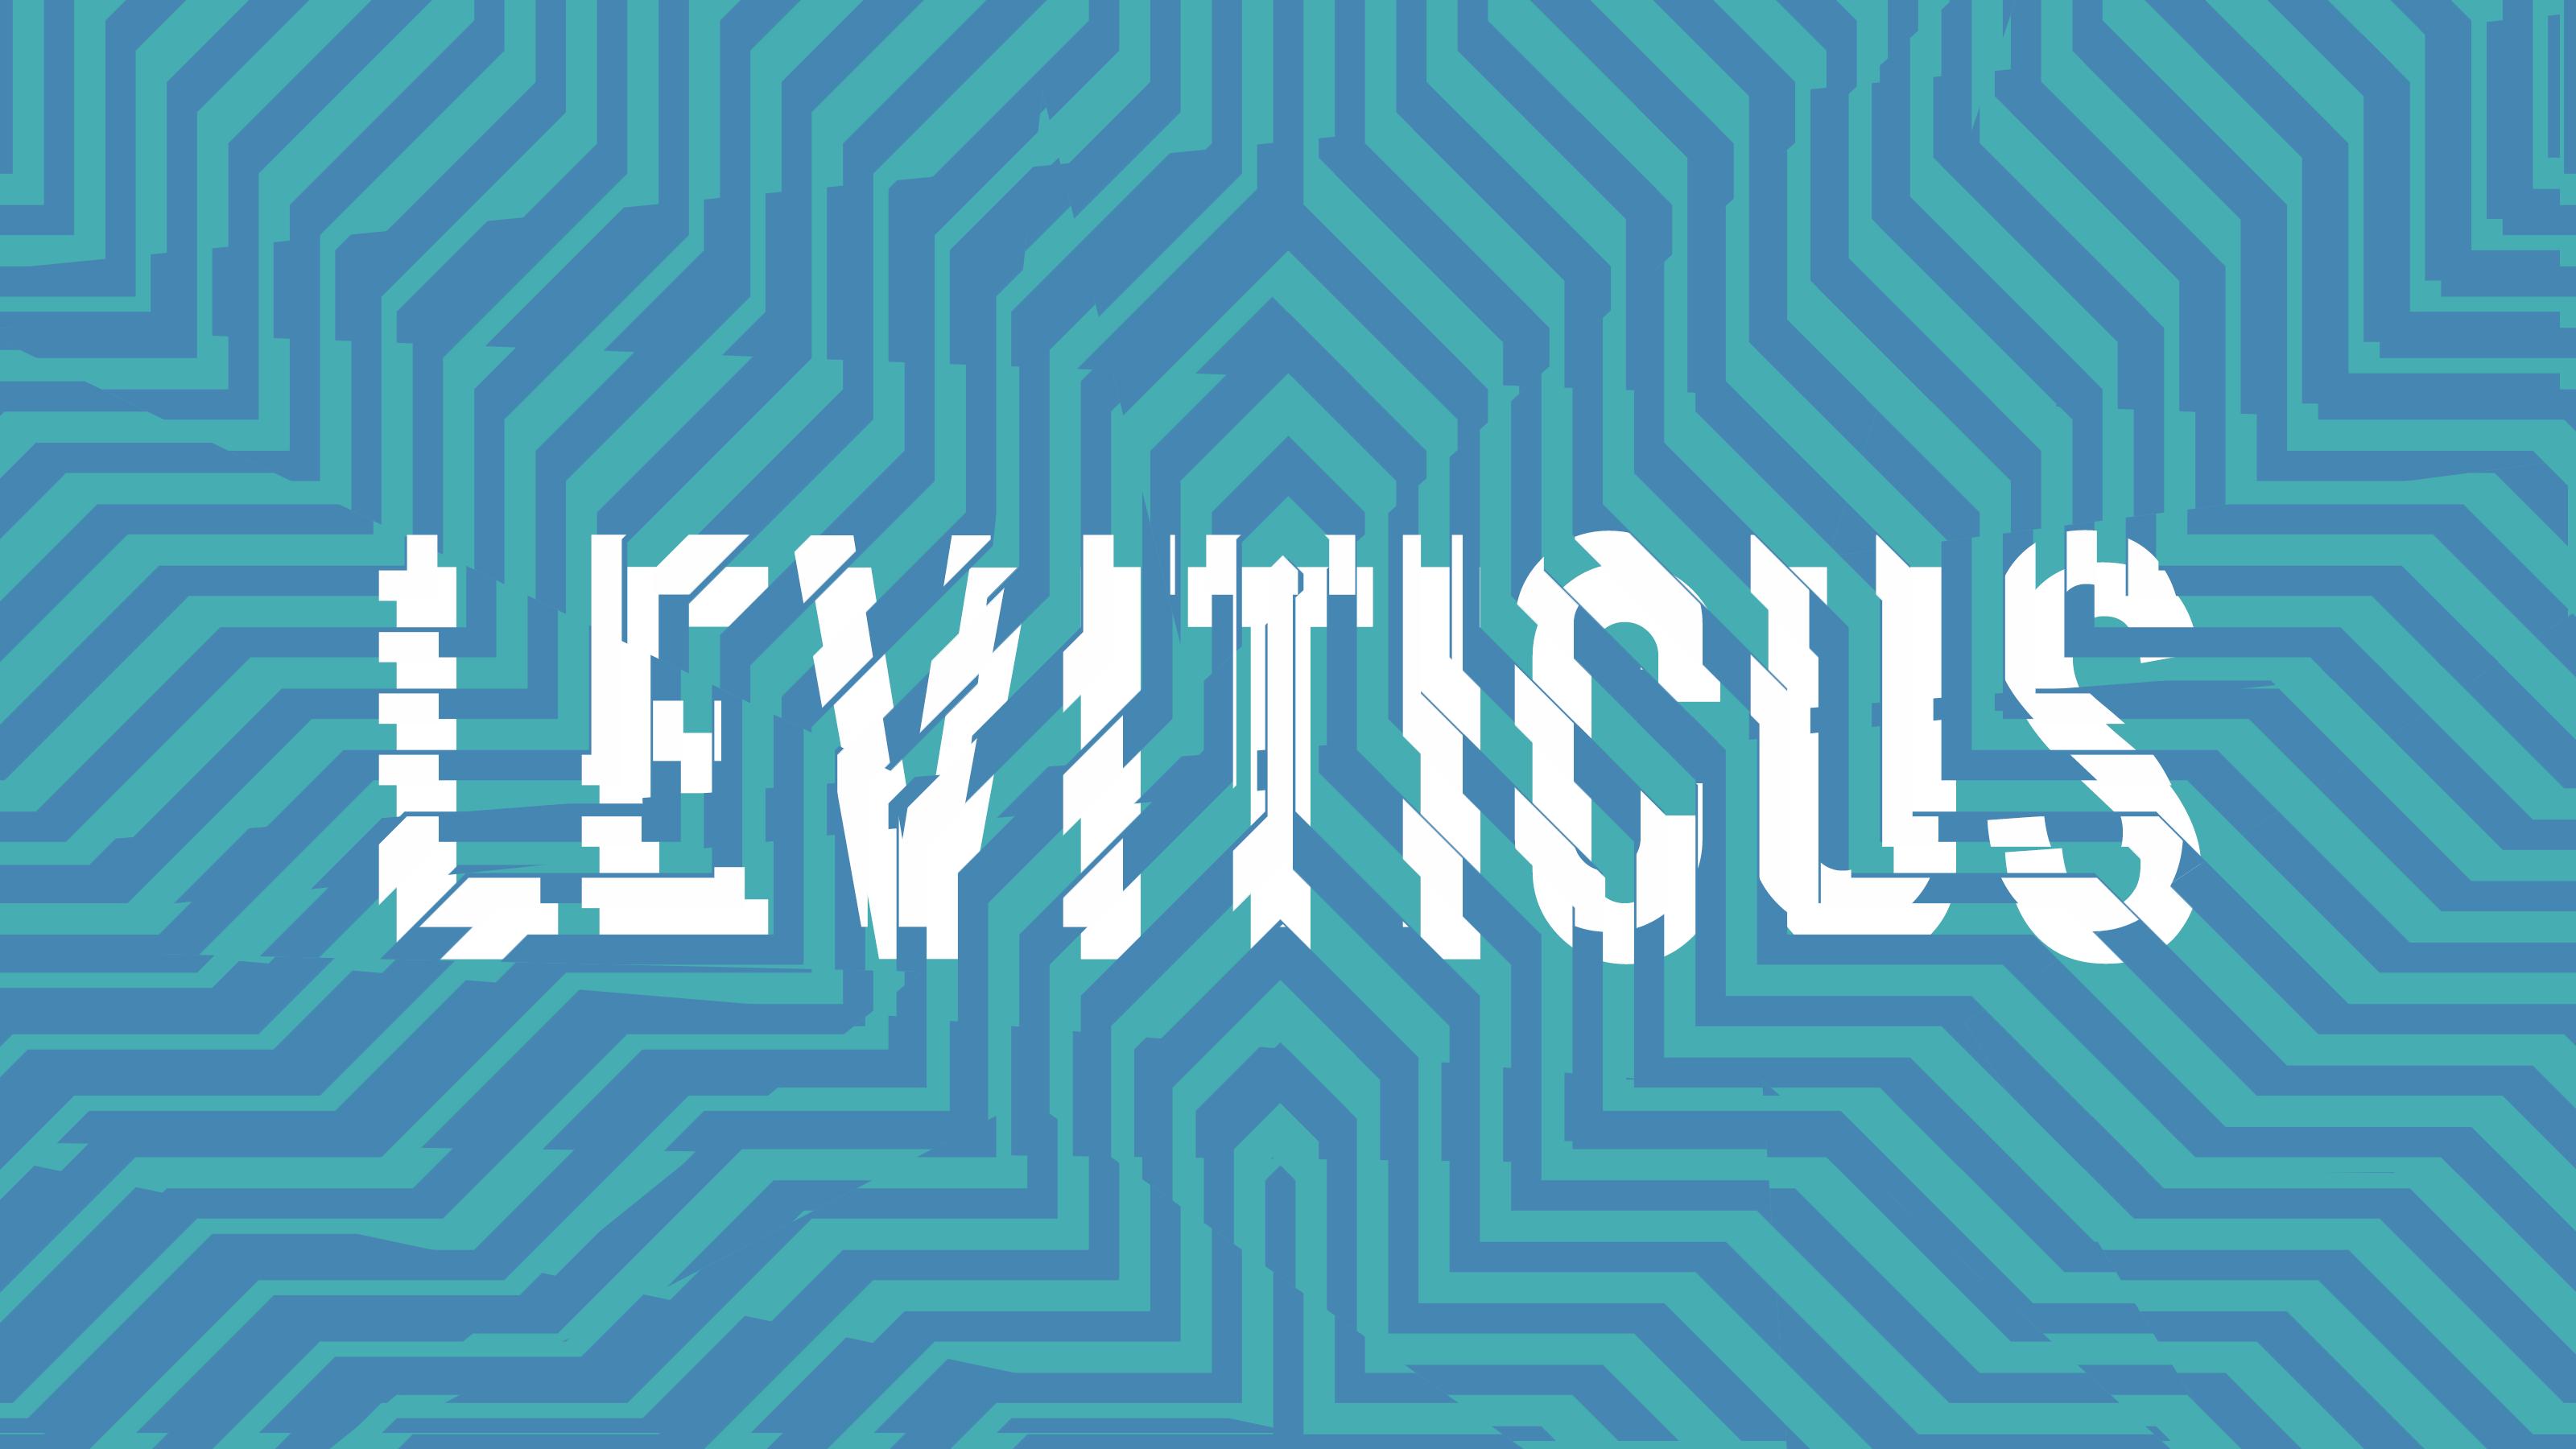 Leviticus 11-14